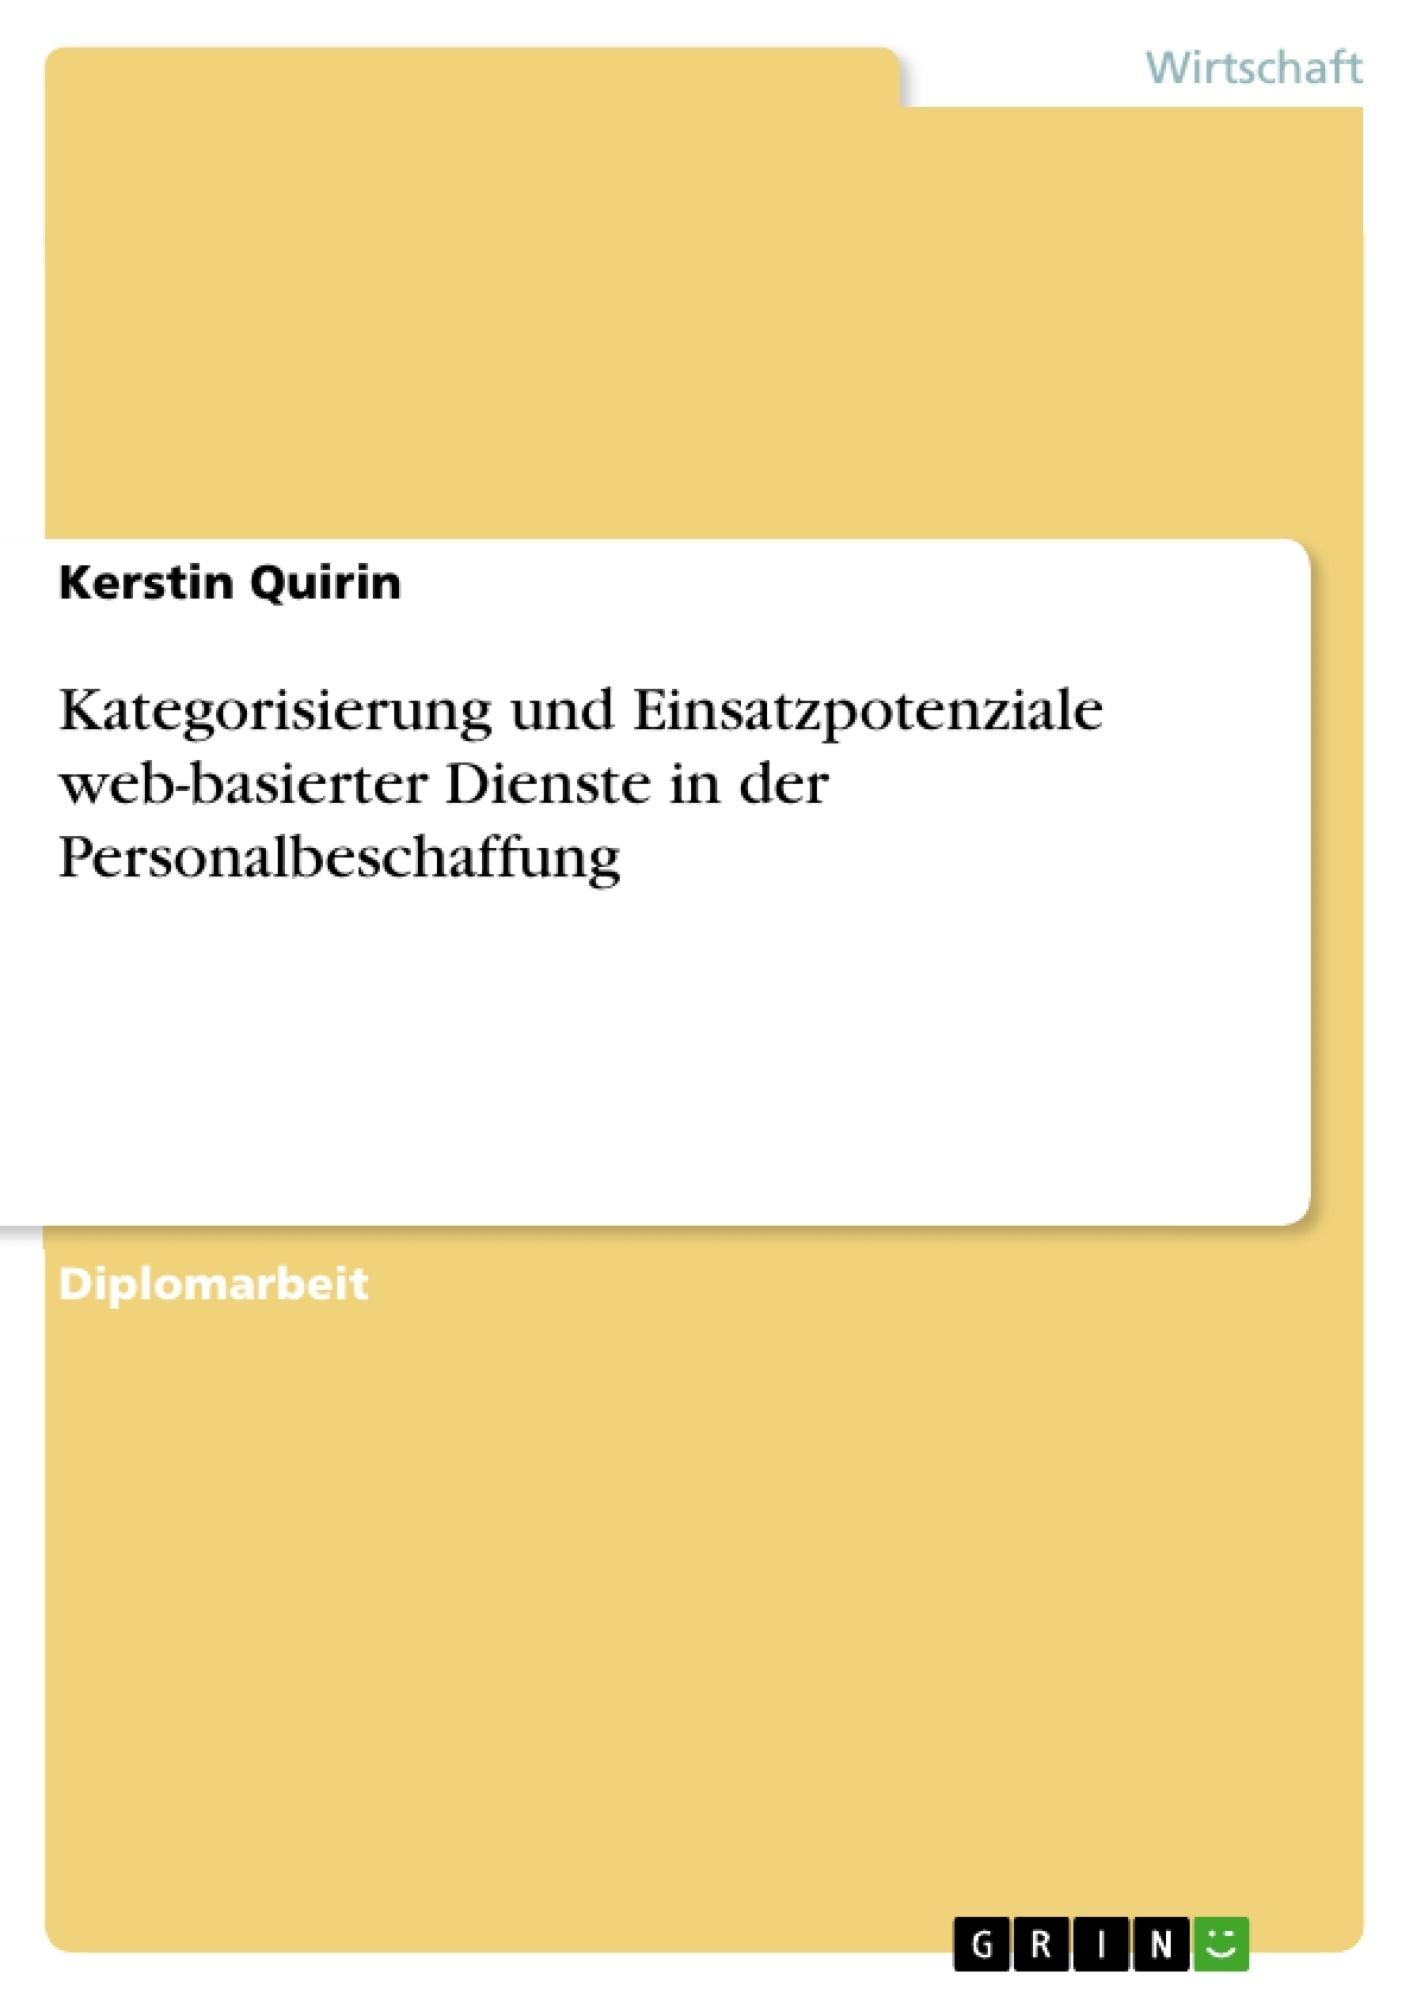 Titel: Kategorisierung und Einsatzpotenziale web-basierter Dienste in der Personalbeschaffung